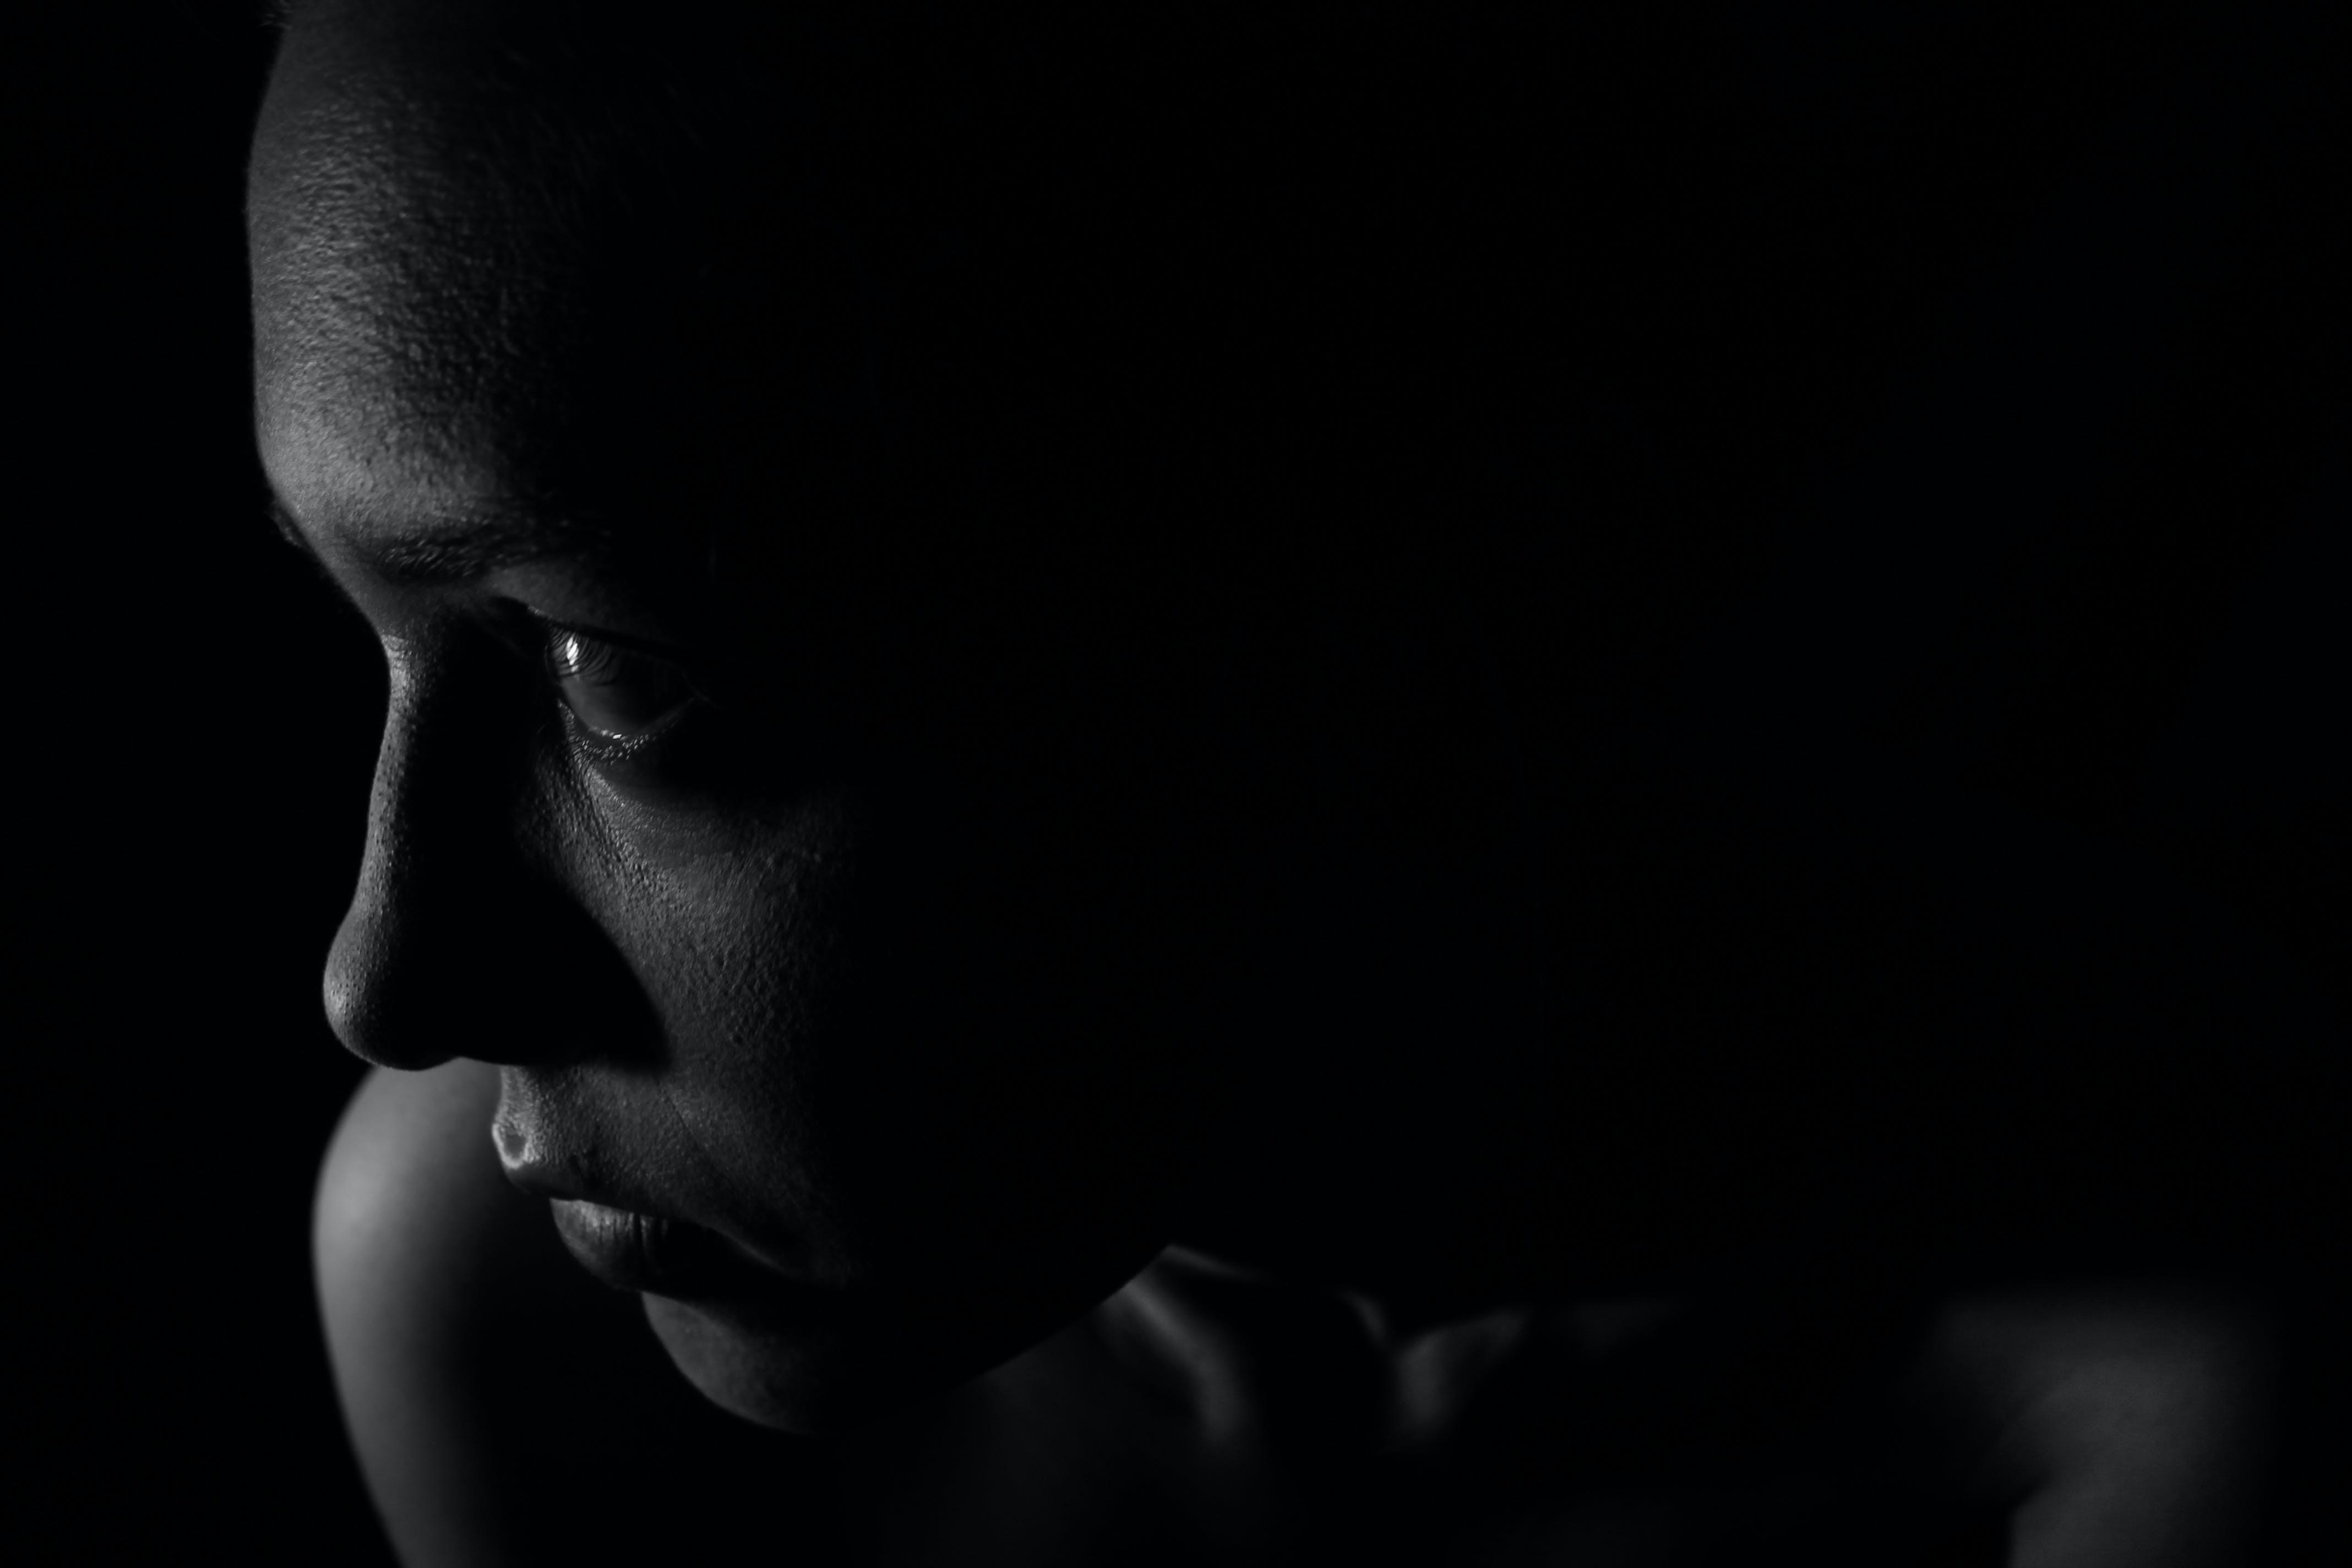 Kostenloses Stock Foto zu dunkel, frau, mädchen, person